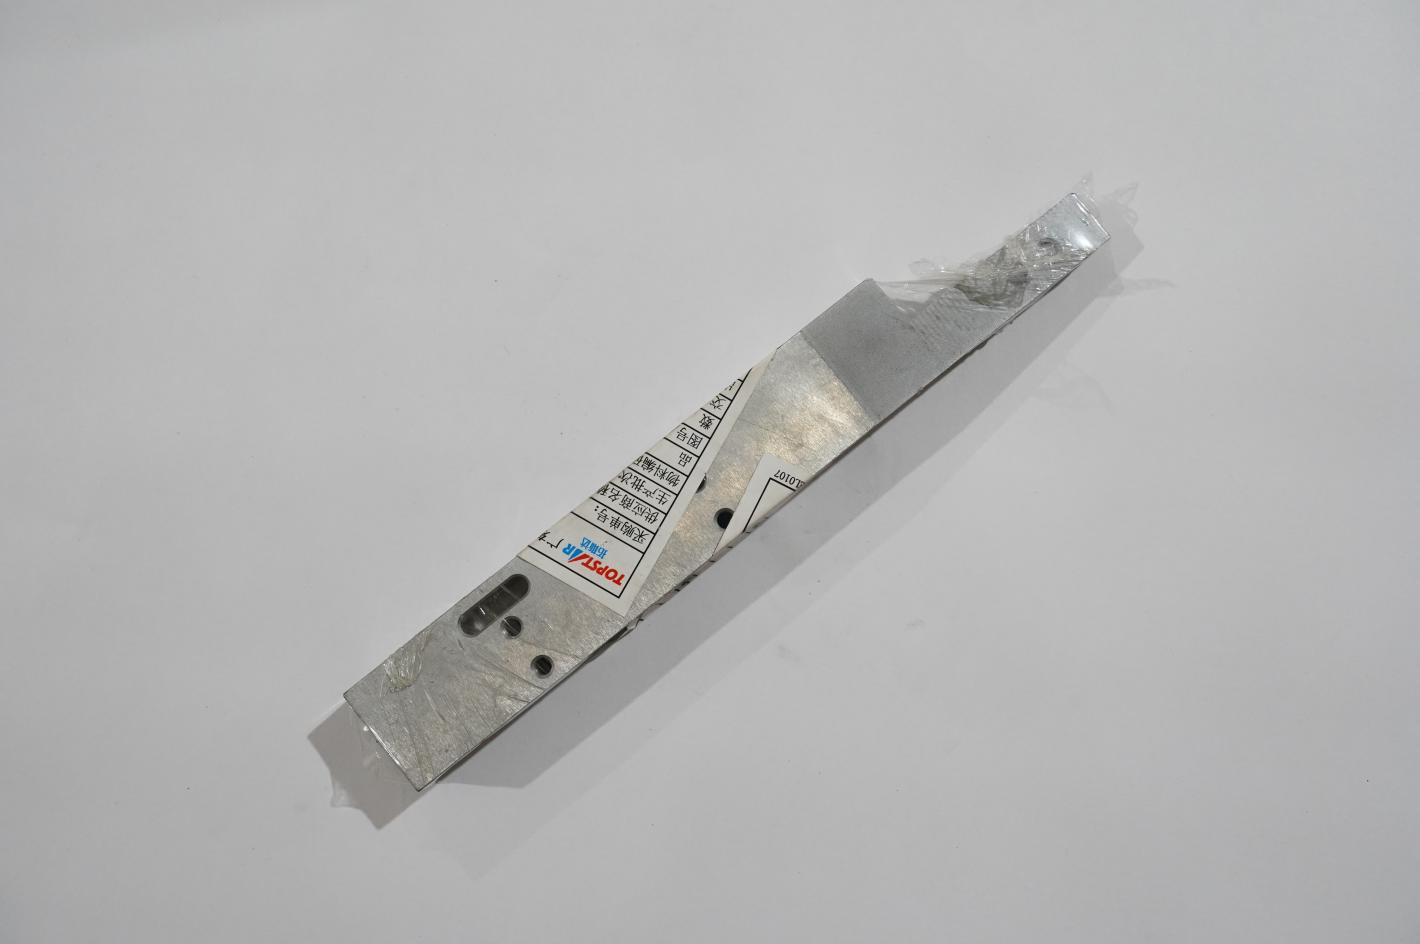 半自动一拖二平面口罩机 E-3C-200004A-01-04-13-0 固定条